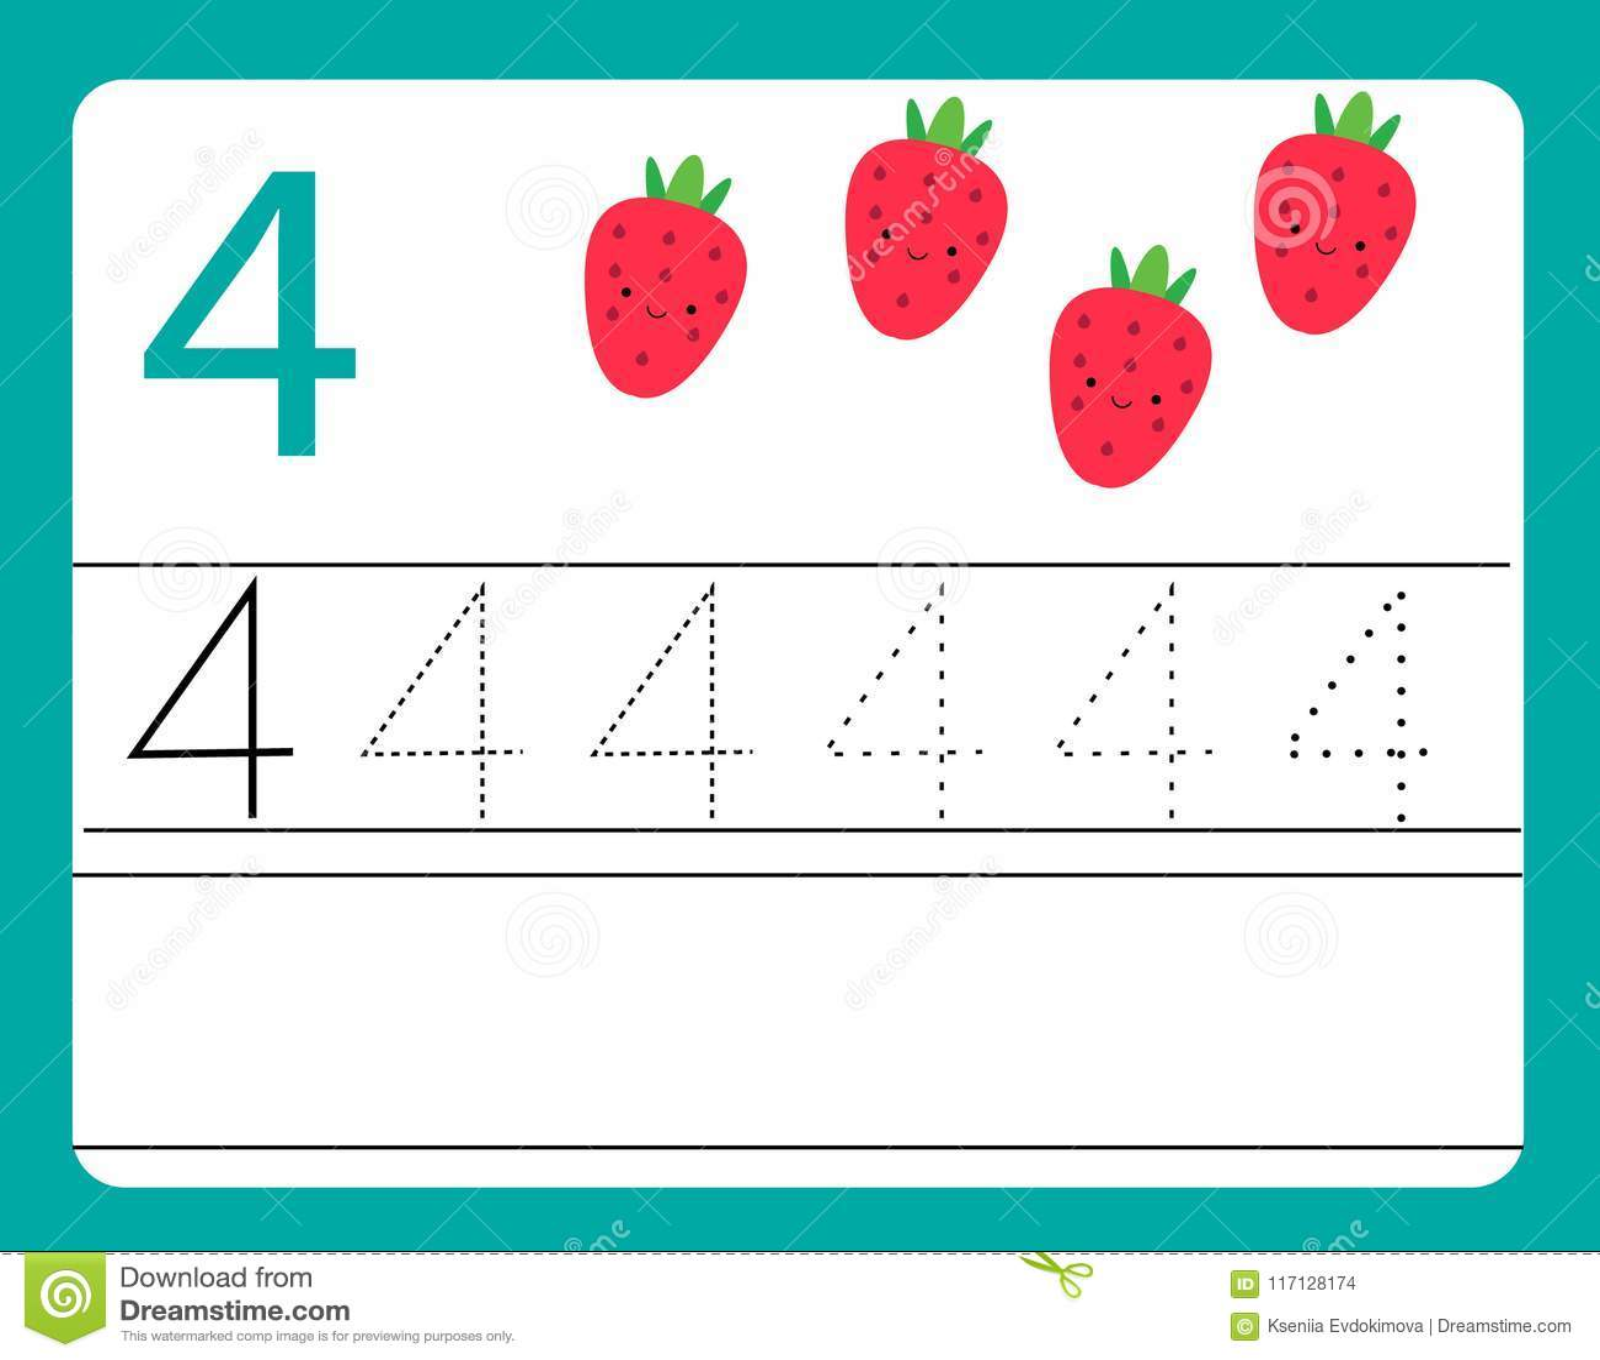 Handschriftspraxis Lernen Von Zahlen Mit Netten